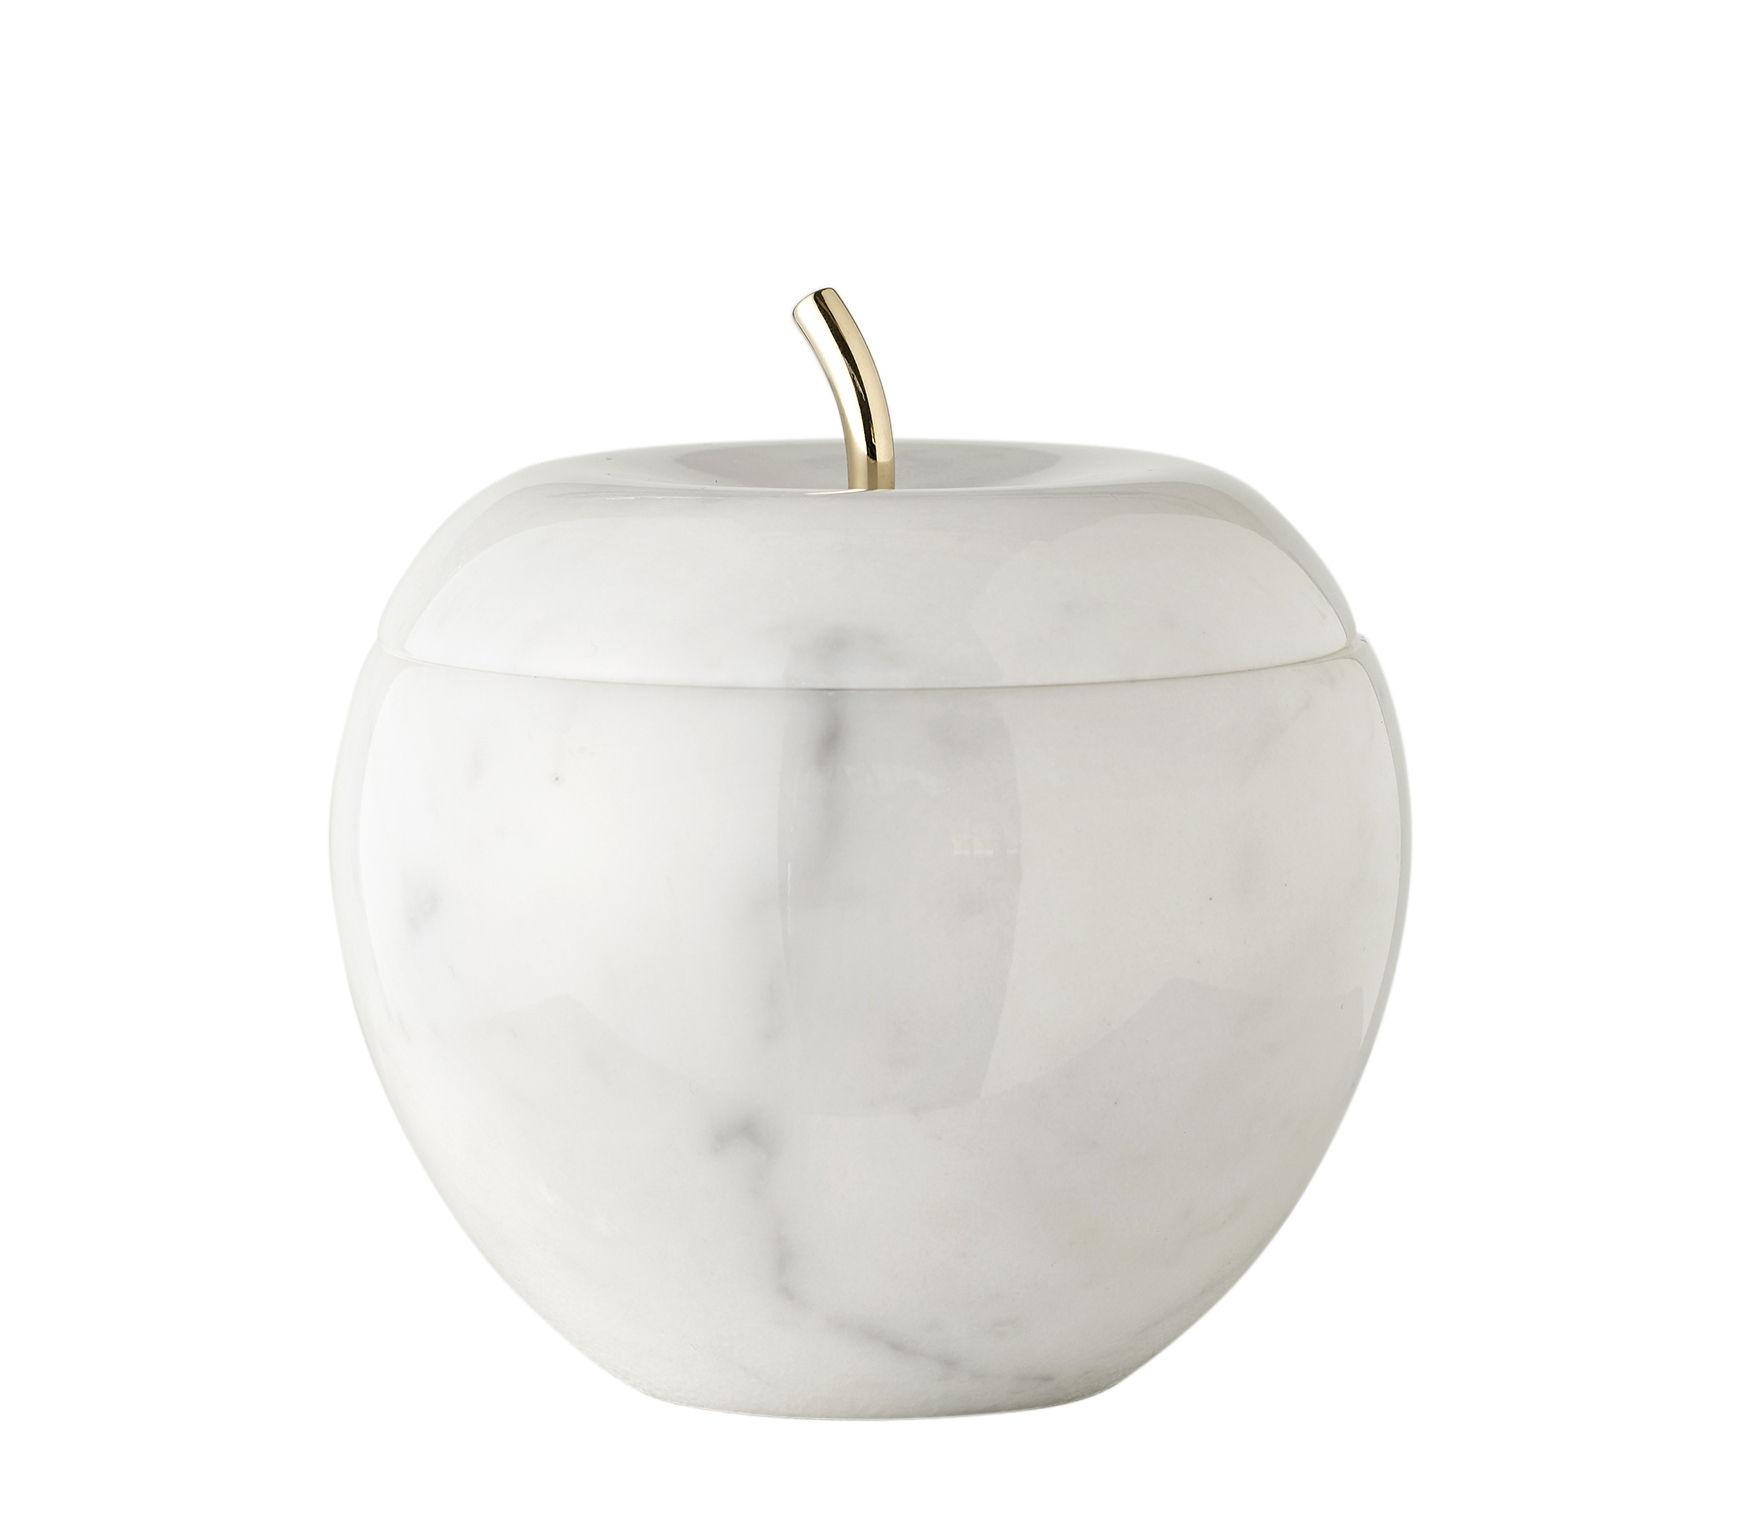 Dekoration - Schachteln und Boxen - Snow White Schmuckschatulle / Spiegel - Marmor & 24-karätiges Gold - Opinion Ciatti - Marmor weiß / goldfarben - 24 Karat verzinktes Gold, Marmor